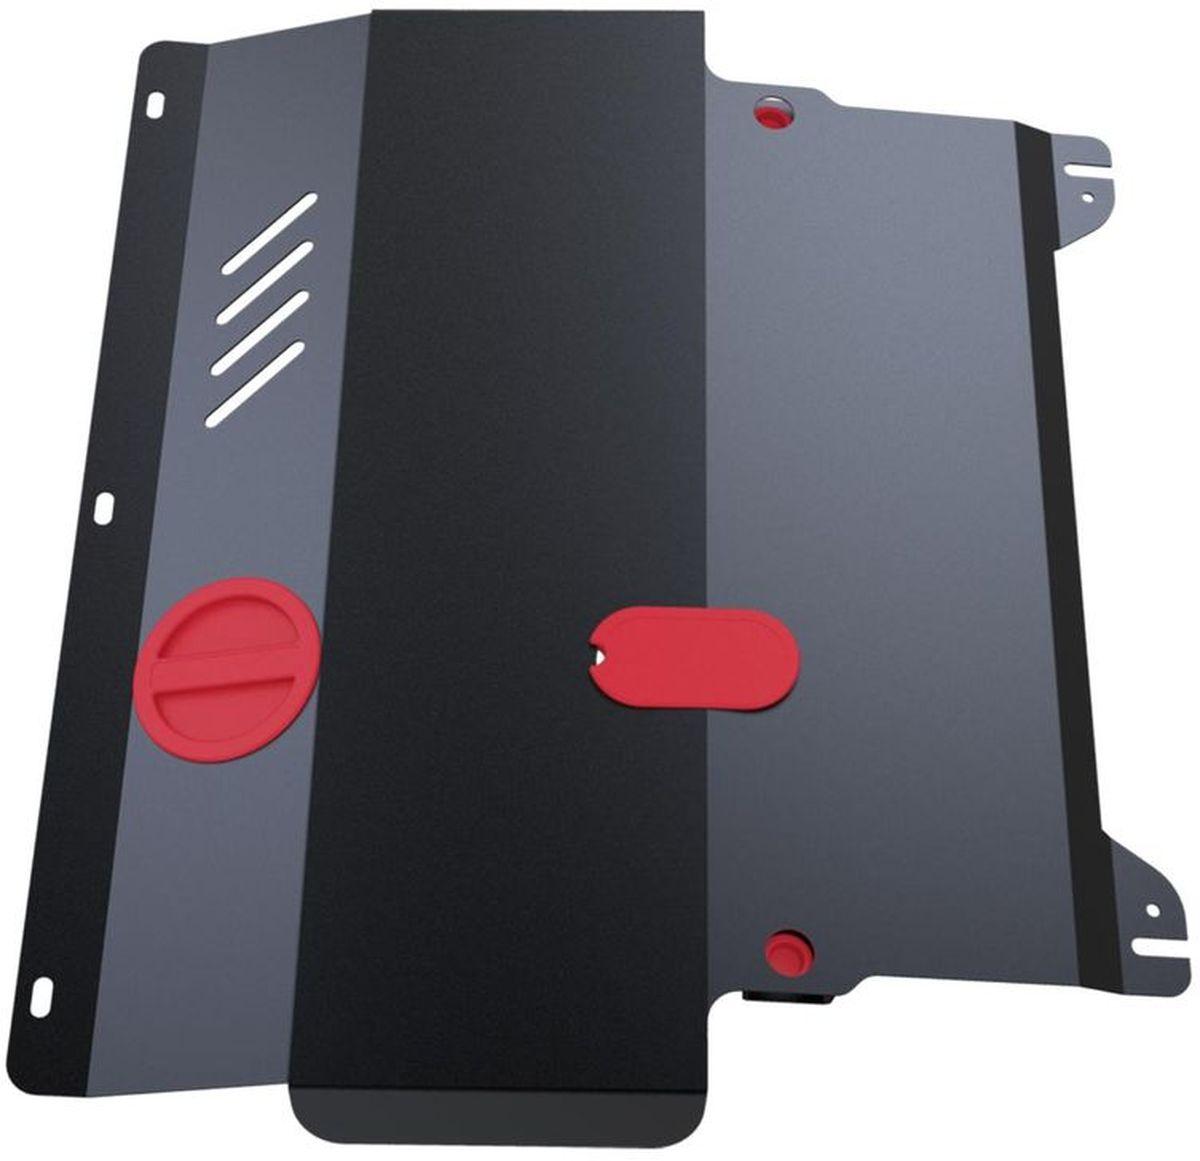 Защита картера Автоброня Toyota Hilux 2007-2015, сталь 2 мм1.05745.1Защита картера Автоброня Toyota Hilux V - 2,5D-4D; 3,0TD 2007-2015, сталь 2 мм, штатный крепеж, 1.05745.1Дополнительно можно приобрести другие защитные элементы из комплекта: защита радиатора - 111.05744.1, защита КПП - 111.05746.1Стальные защиты Автоброня надежно защищают ваш автомобиль от повреждений при наезде на бордюры, выступающие канализационные люки, кромки поврежденного асфальта или при ремонте дорог, не говоря уже о загородных дорогах.- Имеют оптимальное соотношение цена-качество.- Спроектированы с учетом особенностей автомобиля, что делает установку удобной.- Защита устанавливается в штатные места кузова автомобиля.- Является надежной защитой для важных элементов на протяжении долгих лет.- Глубокий штамп дополнительно усиливает конструкцию защиты.- Подштамповка в местах крепления защищает крепеж от срезания.- Технологические отверстия там, где они необходимы для смены масла и слива воды, оборудованные заглушками, закрепленными на защите.Толщина стали 2 мм.В комплекте инструкция по установке.При установке используется штатный крепеж автомобиля.Уважаемые клиенты!Обращаем ваше внимание на тот факт, что защита имеет форму, соответствующую модели данного автомобиля. Наличие глубокого штампа и лючков для смены фильтров/масла предусмотрено не на всех защитах. Фото служит для визуального восприятия товара.